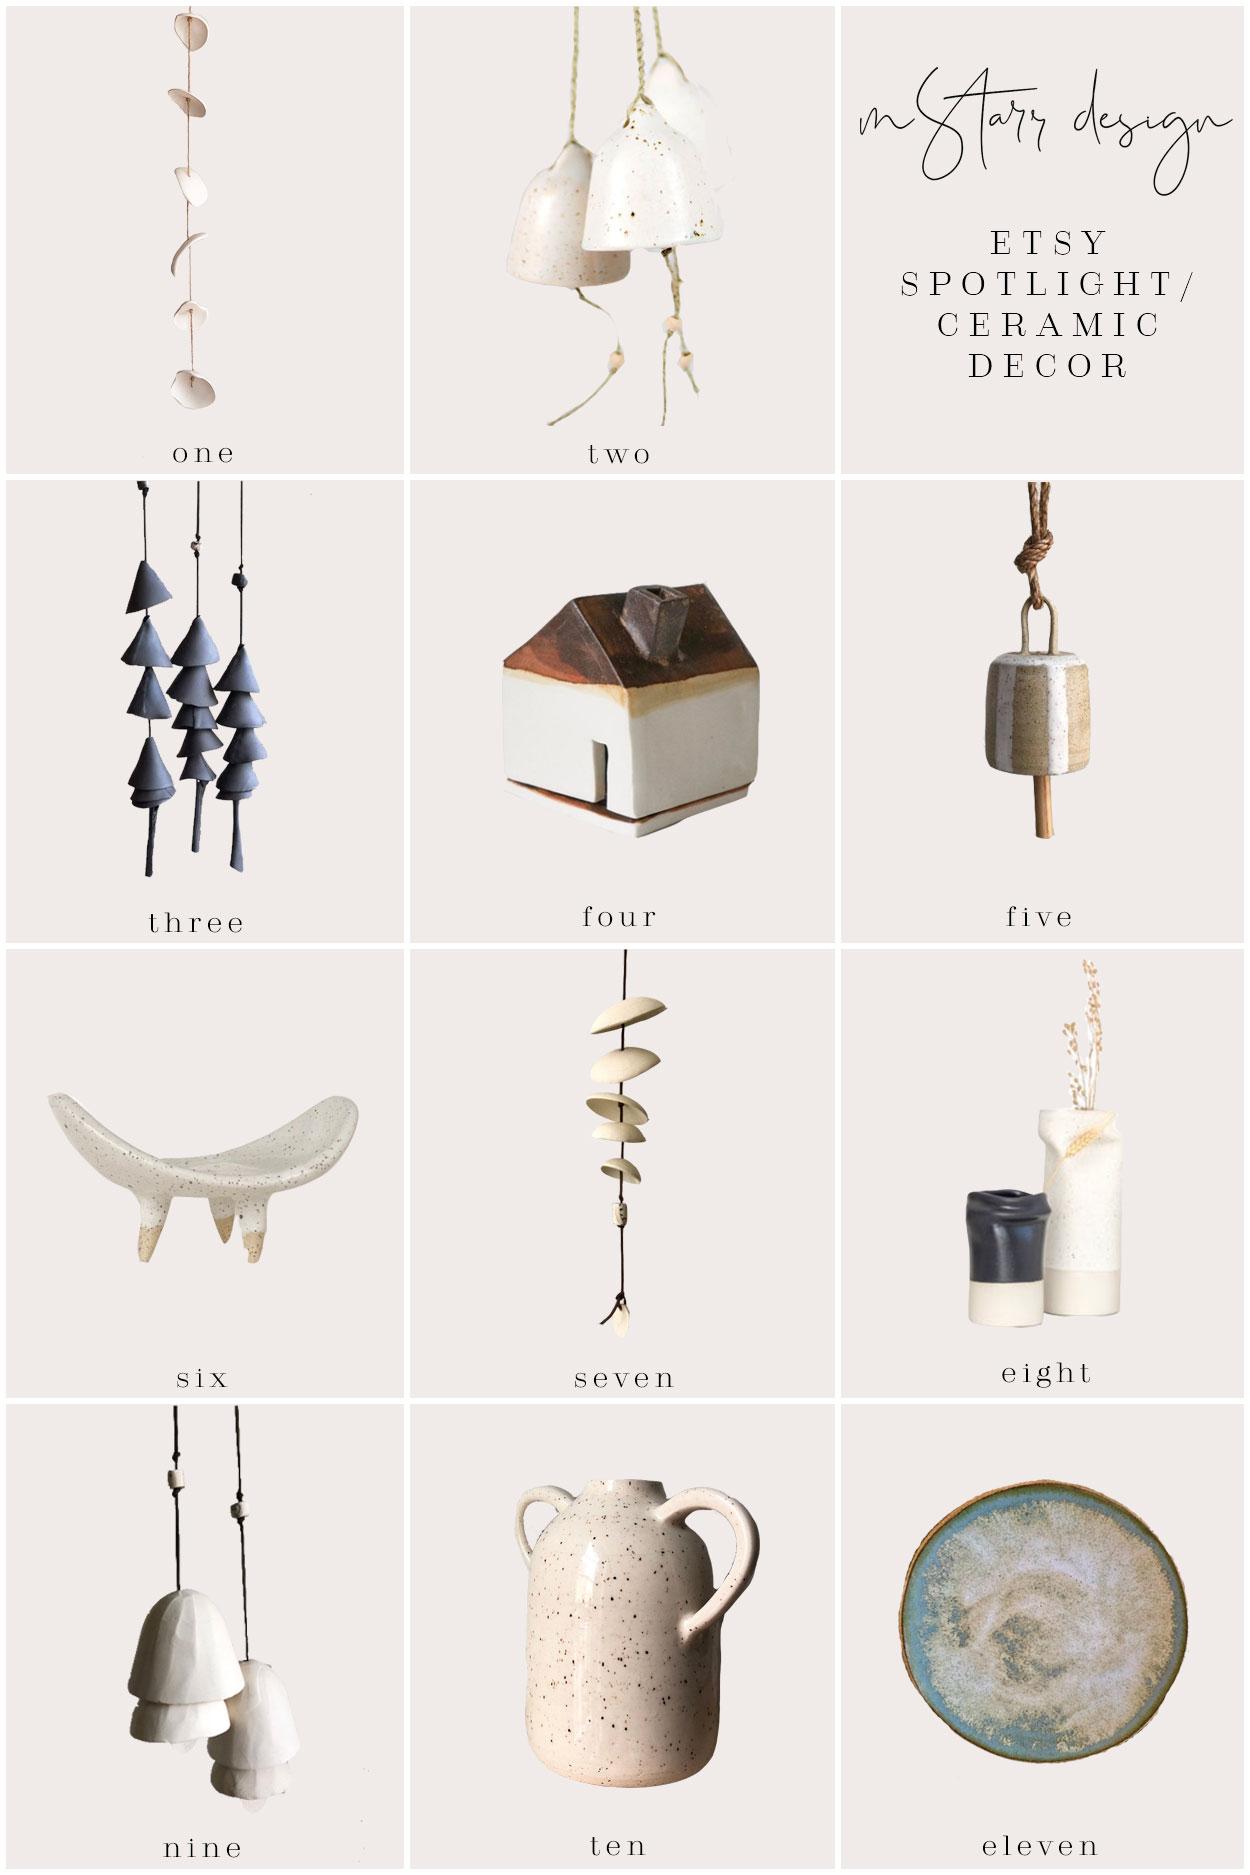 mStarr design / etsy spotlight / ceramic decor